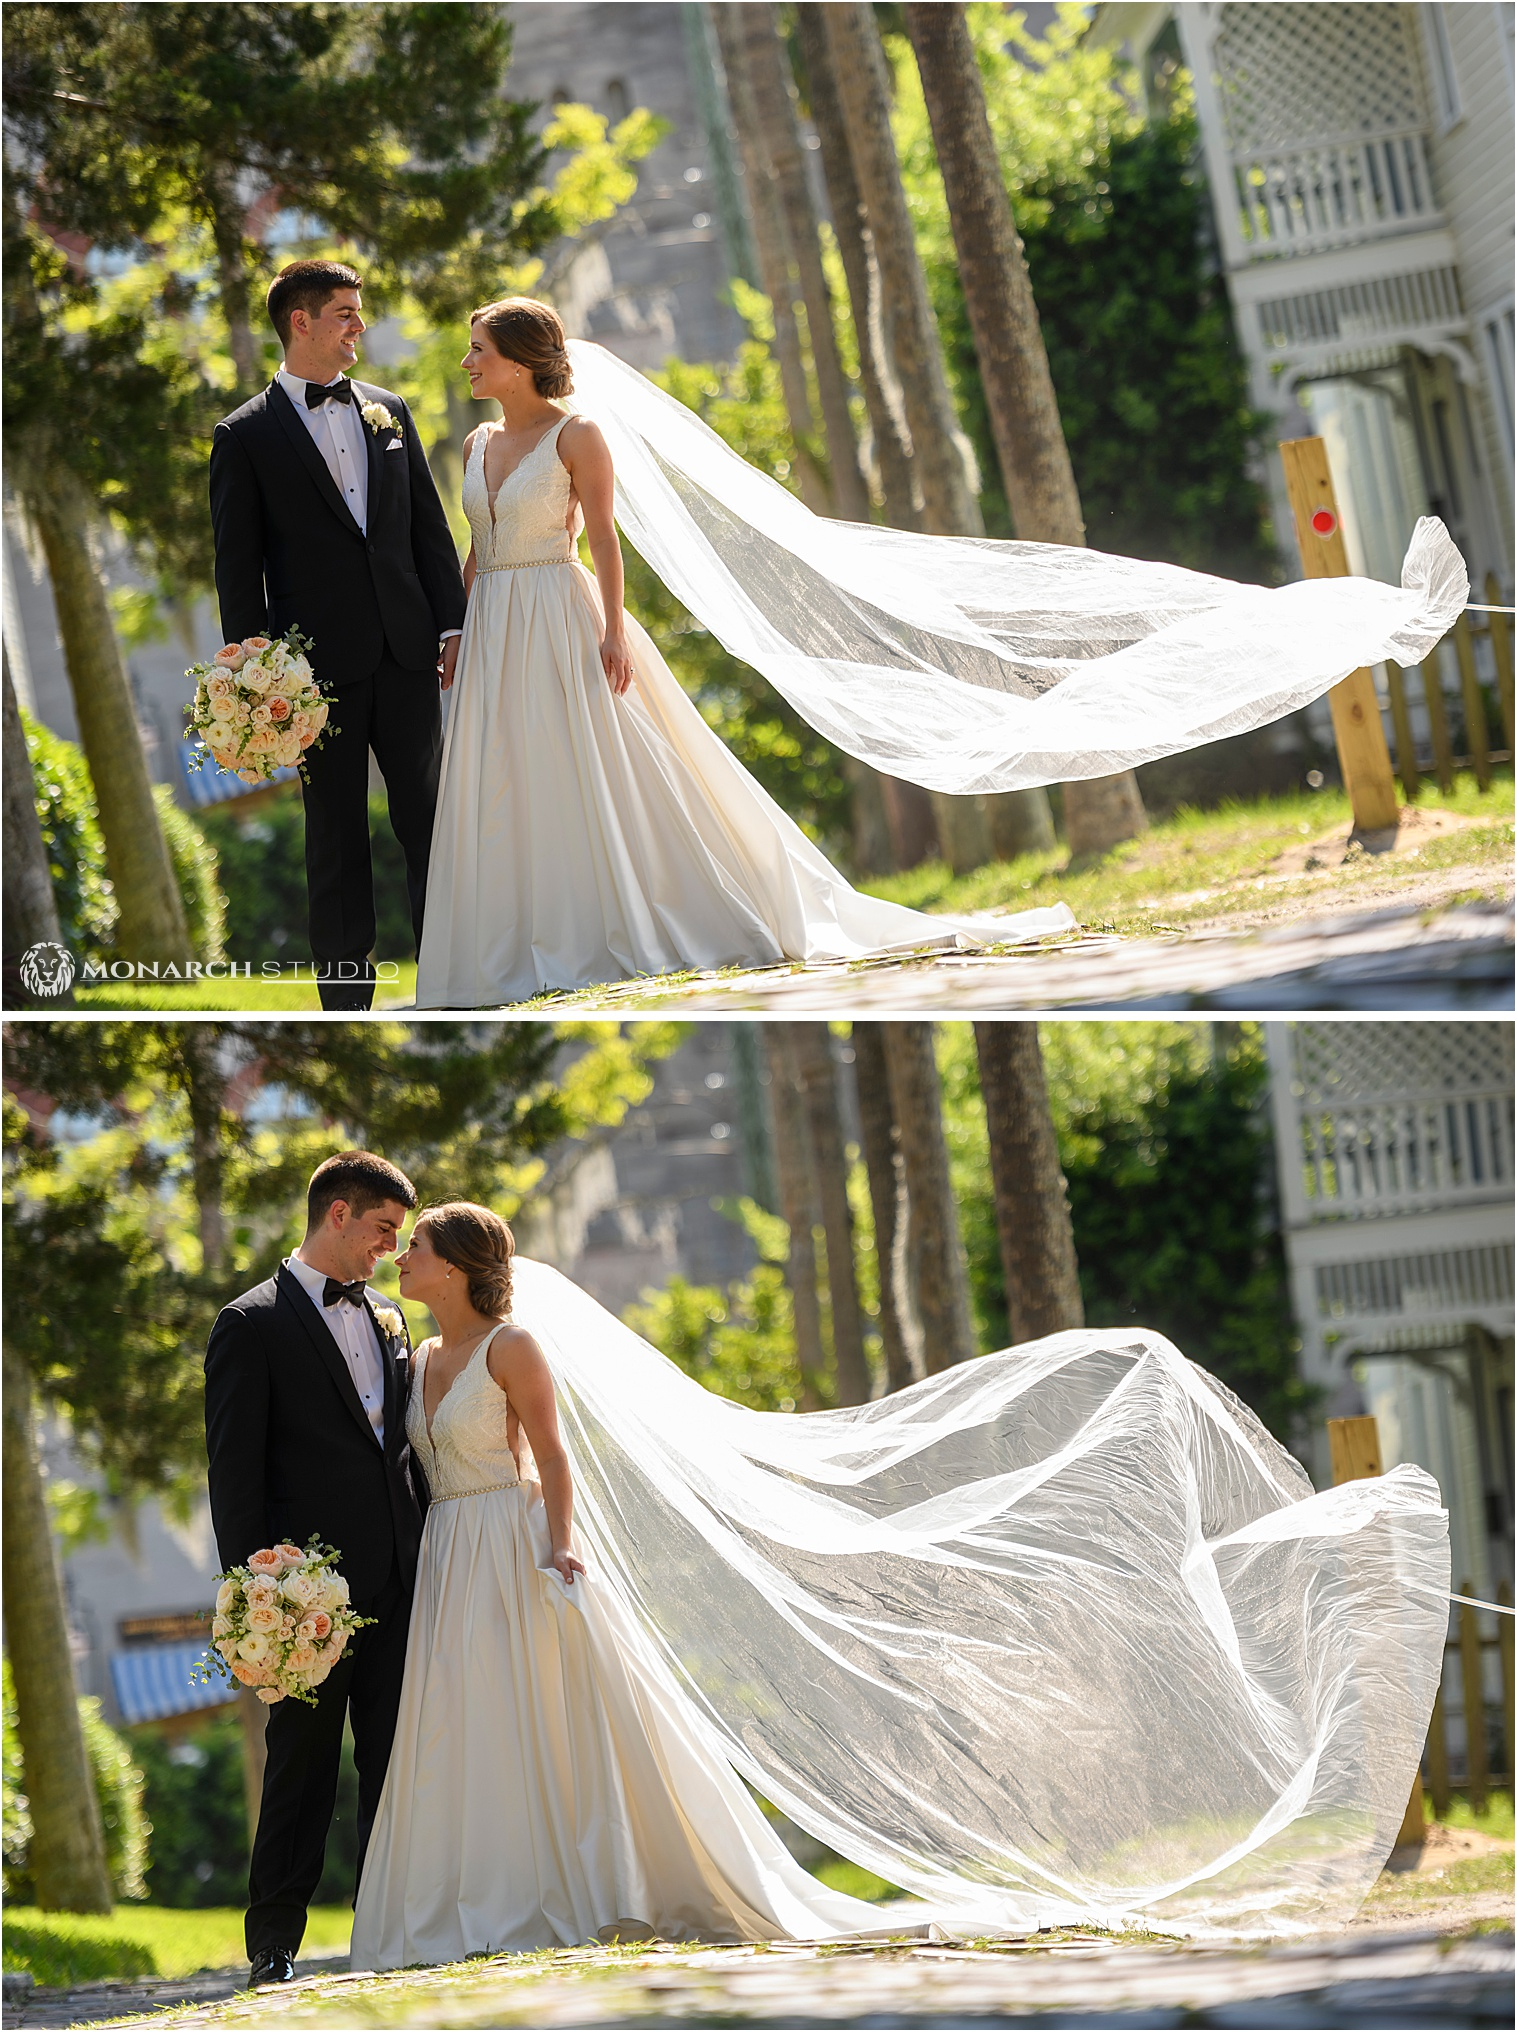 Wedding-PHotographer-in-st-augustine-2019-074.jpg